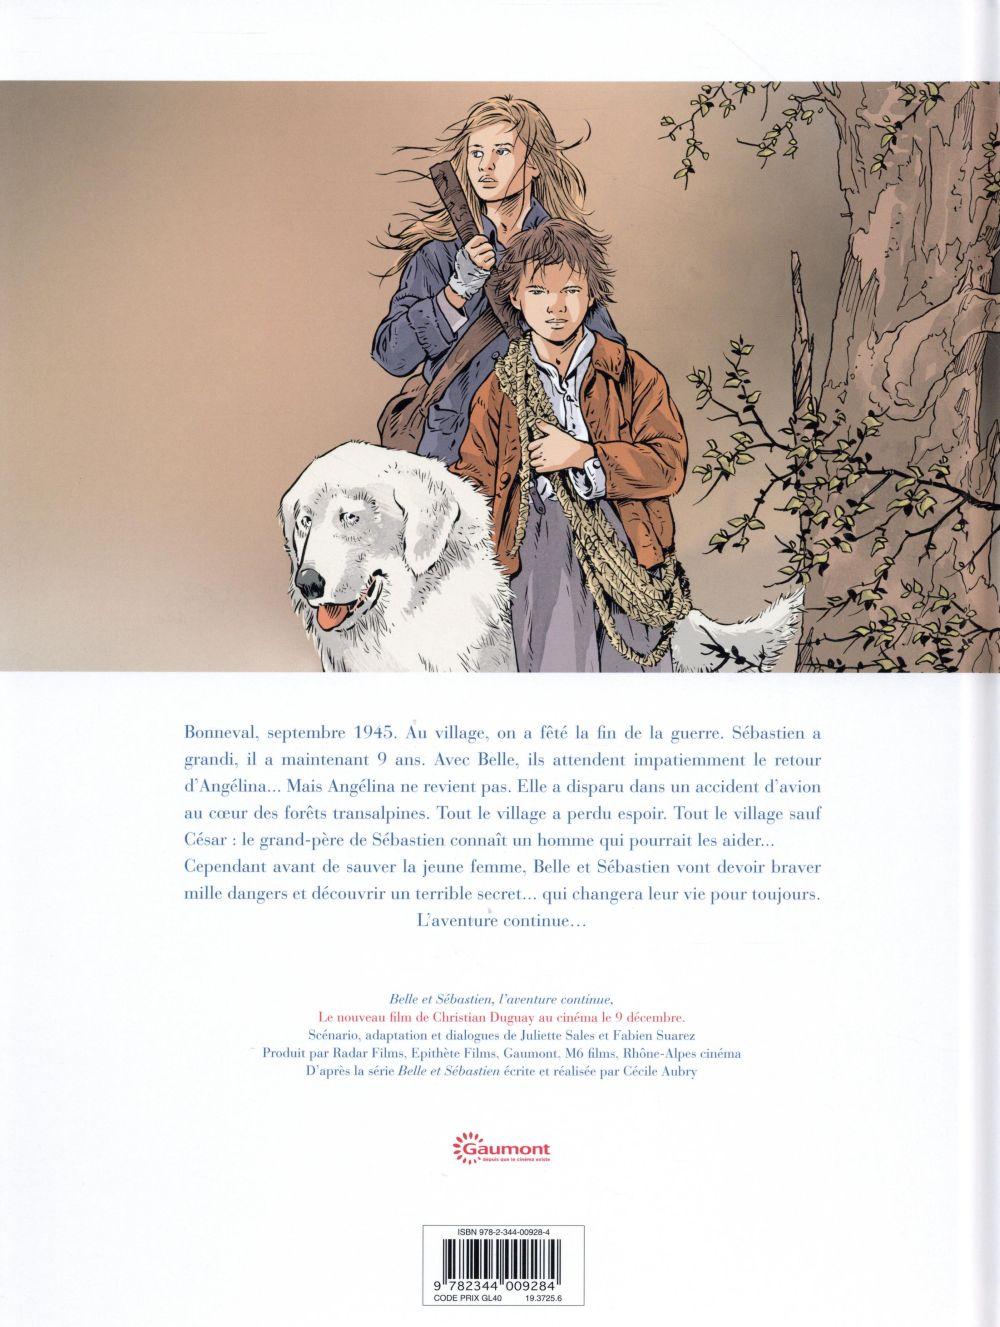 Belle et Sébastien - l'aventure continue ; la BD